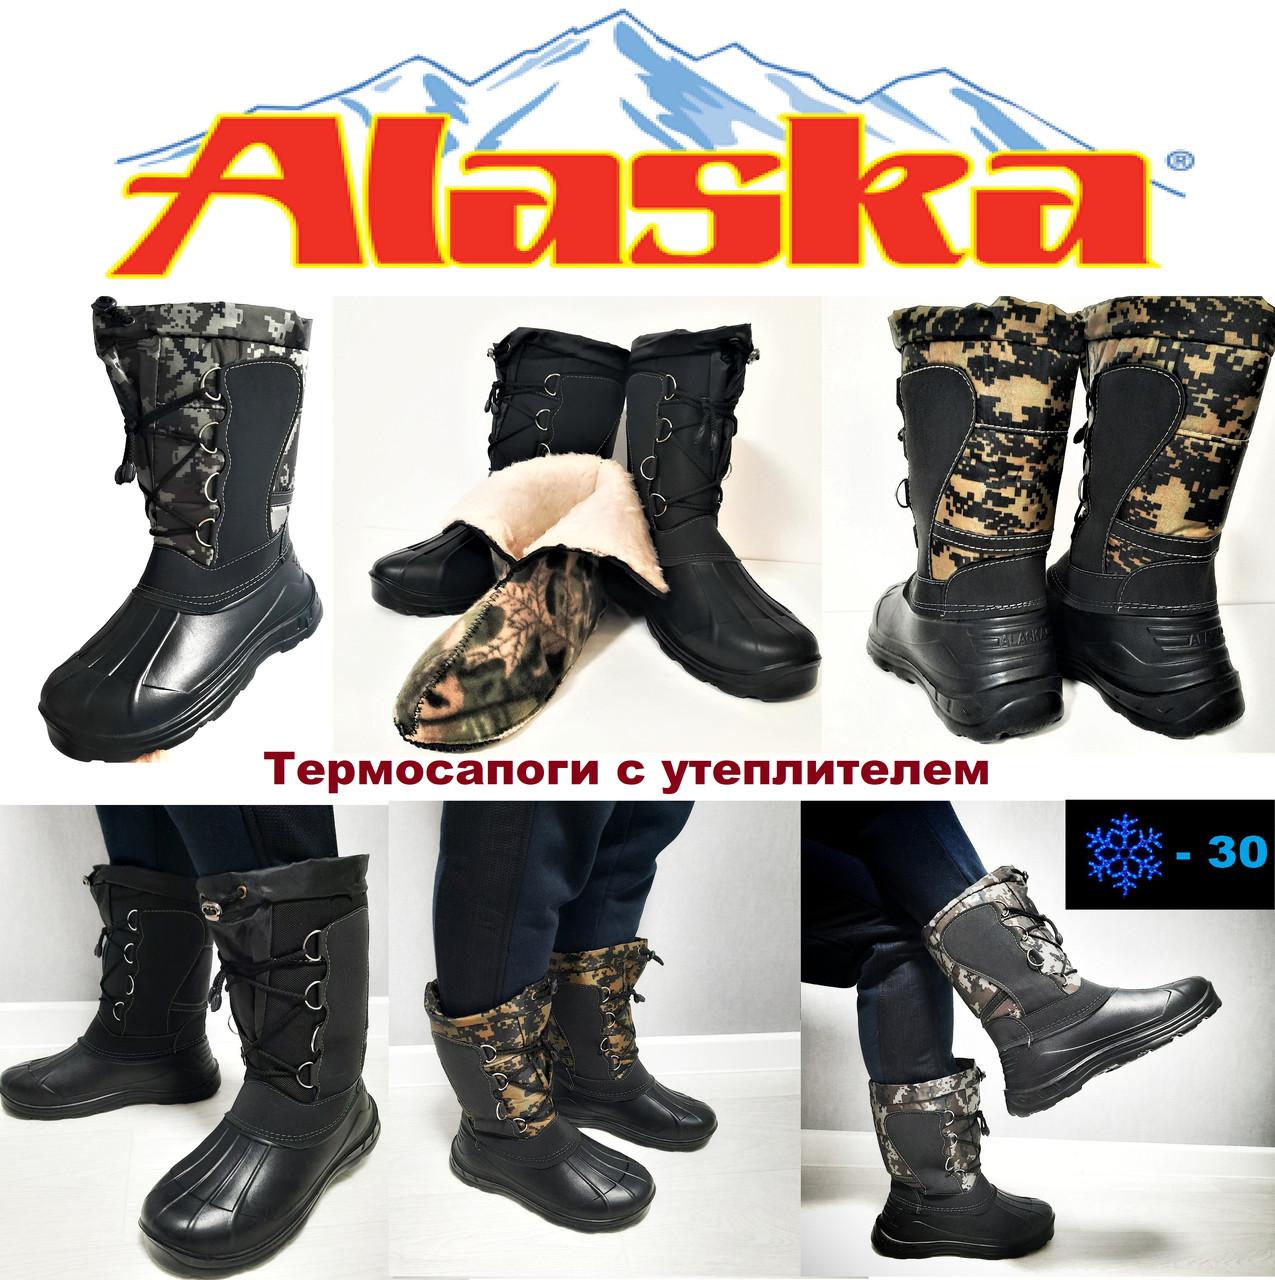 Зимние мужские сапоги с утеплителем, вездеходы берцы утепленные для рыбалки и охоты, термосапоги Аляска